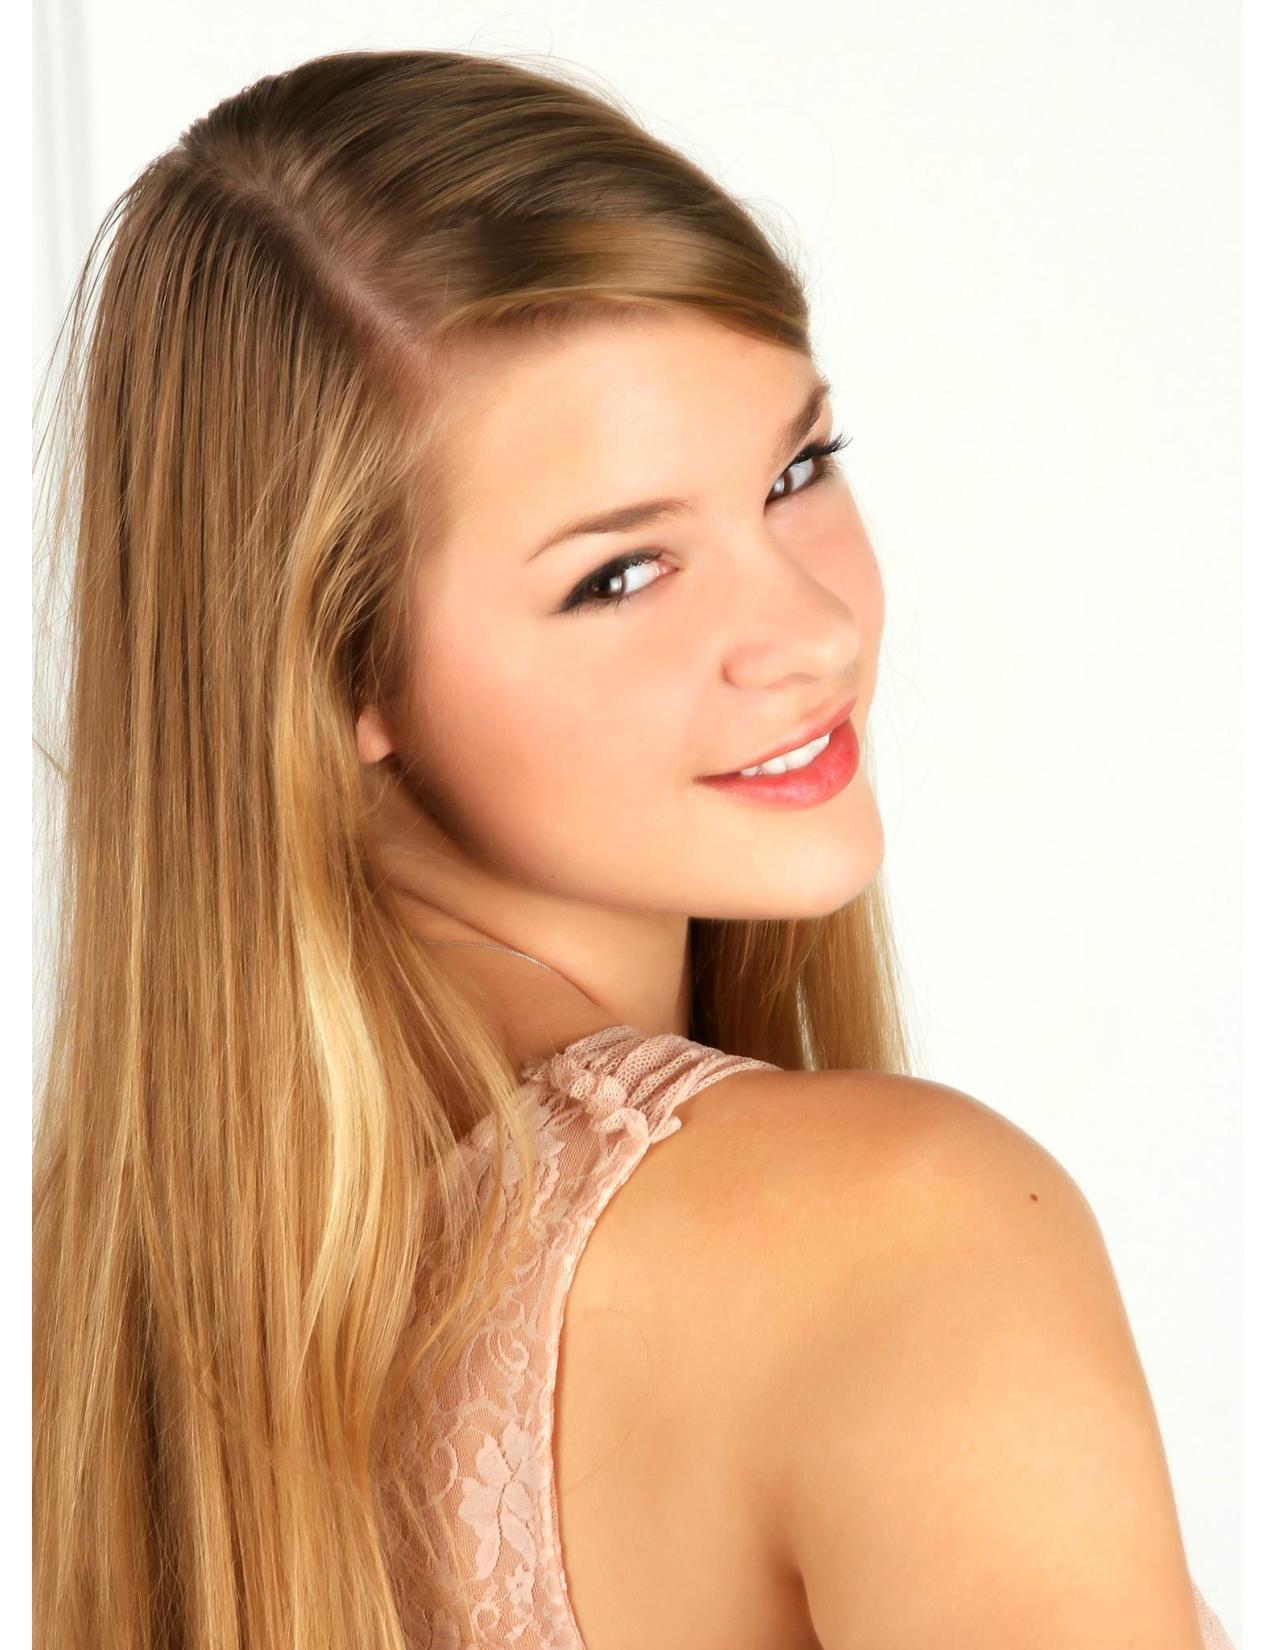 Caroline Geckler